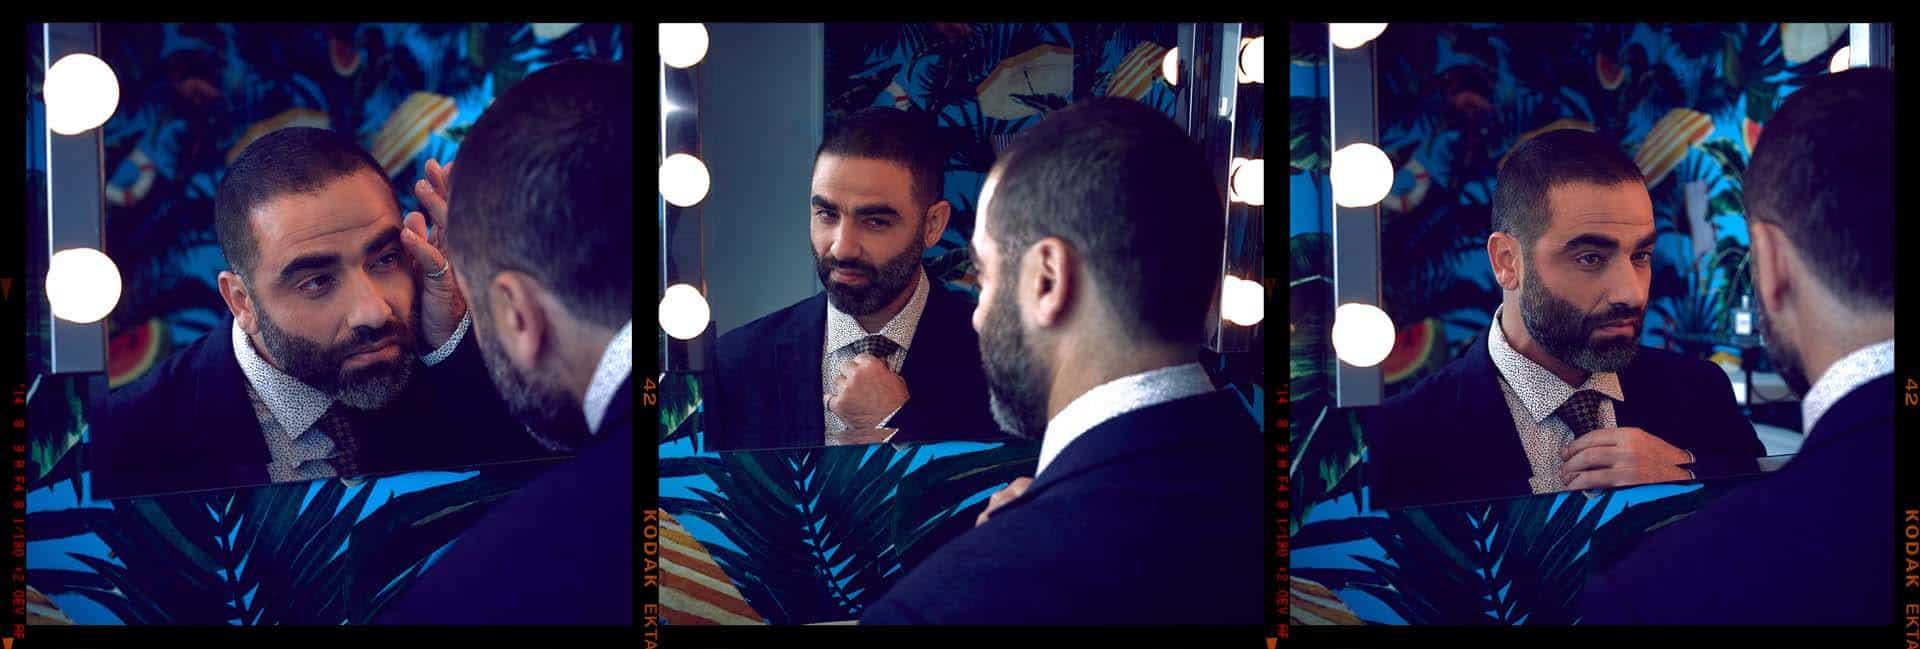 הישאם סולימאן, هشام فضل سليمان, הישאם סלימאן, צילום אלכס פרגמנט - בלייזר: המשביר לצרכן, עניבה וחולצה מכופרת: קסטרו